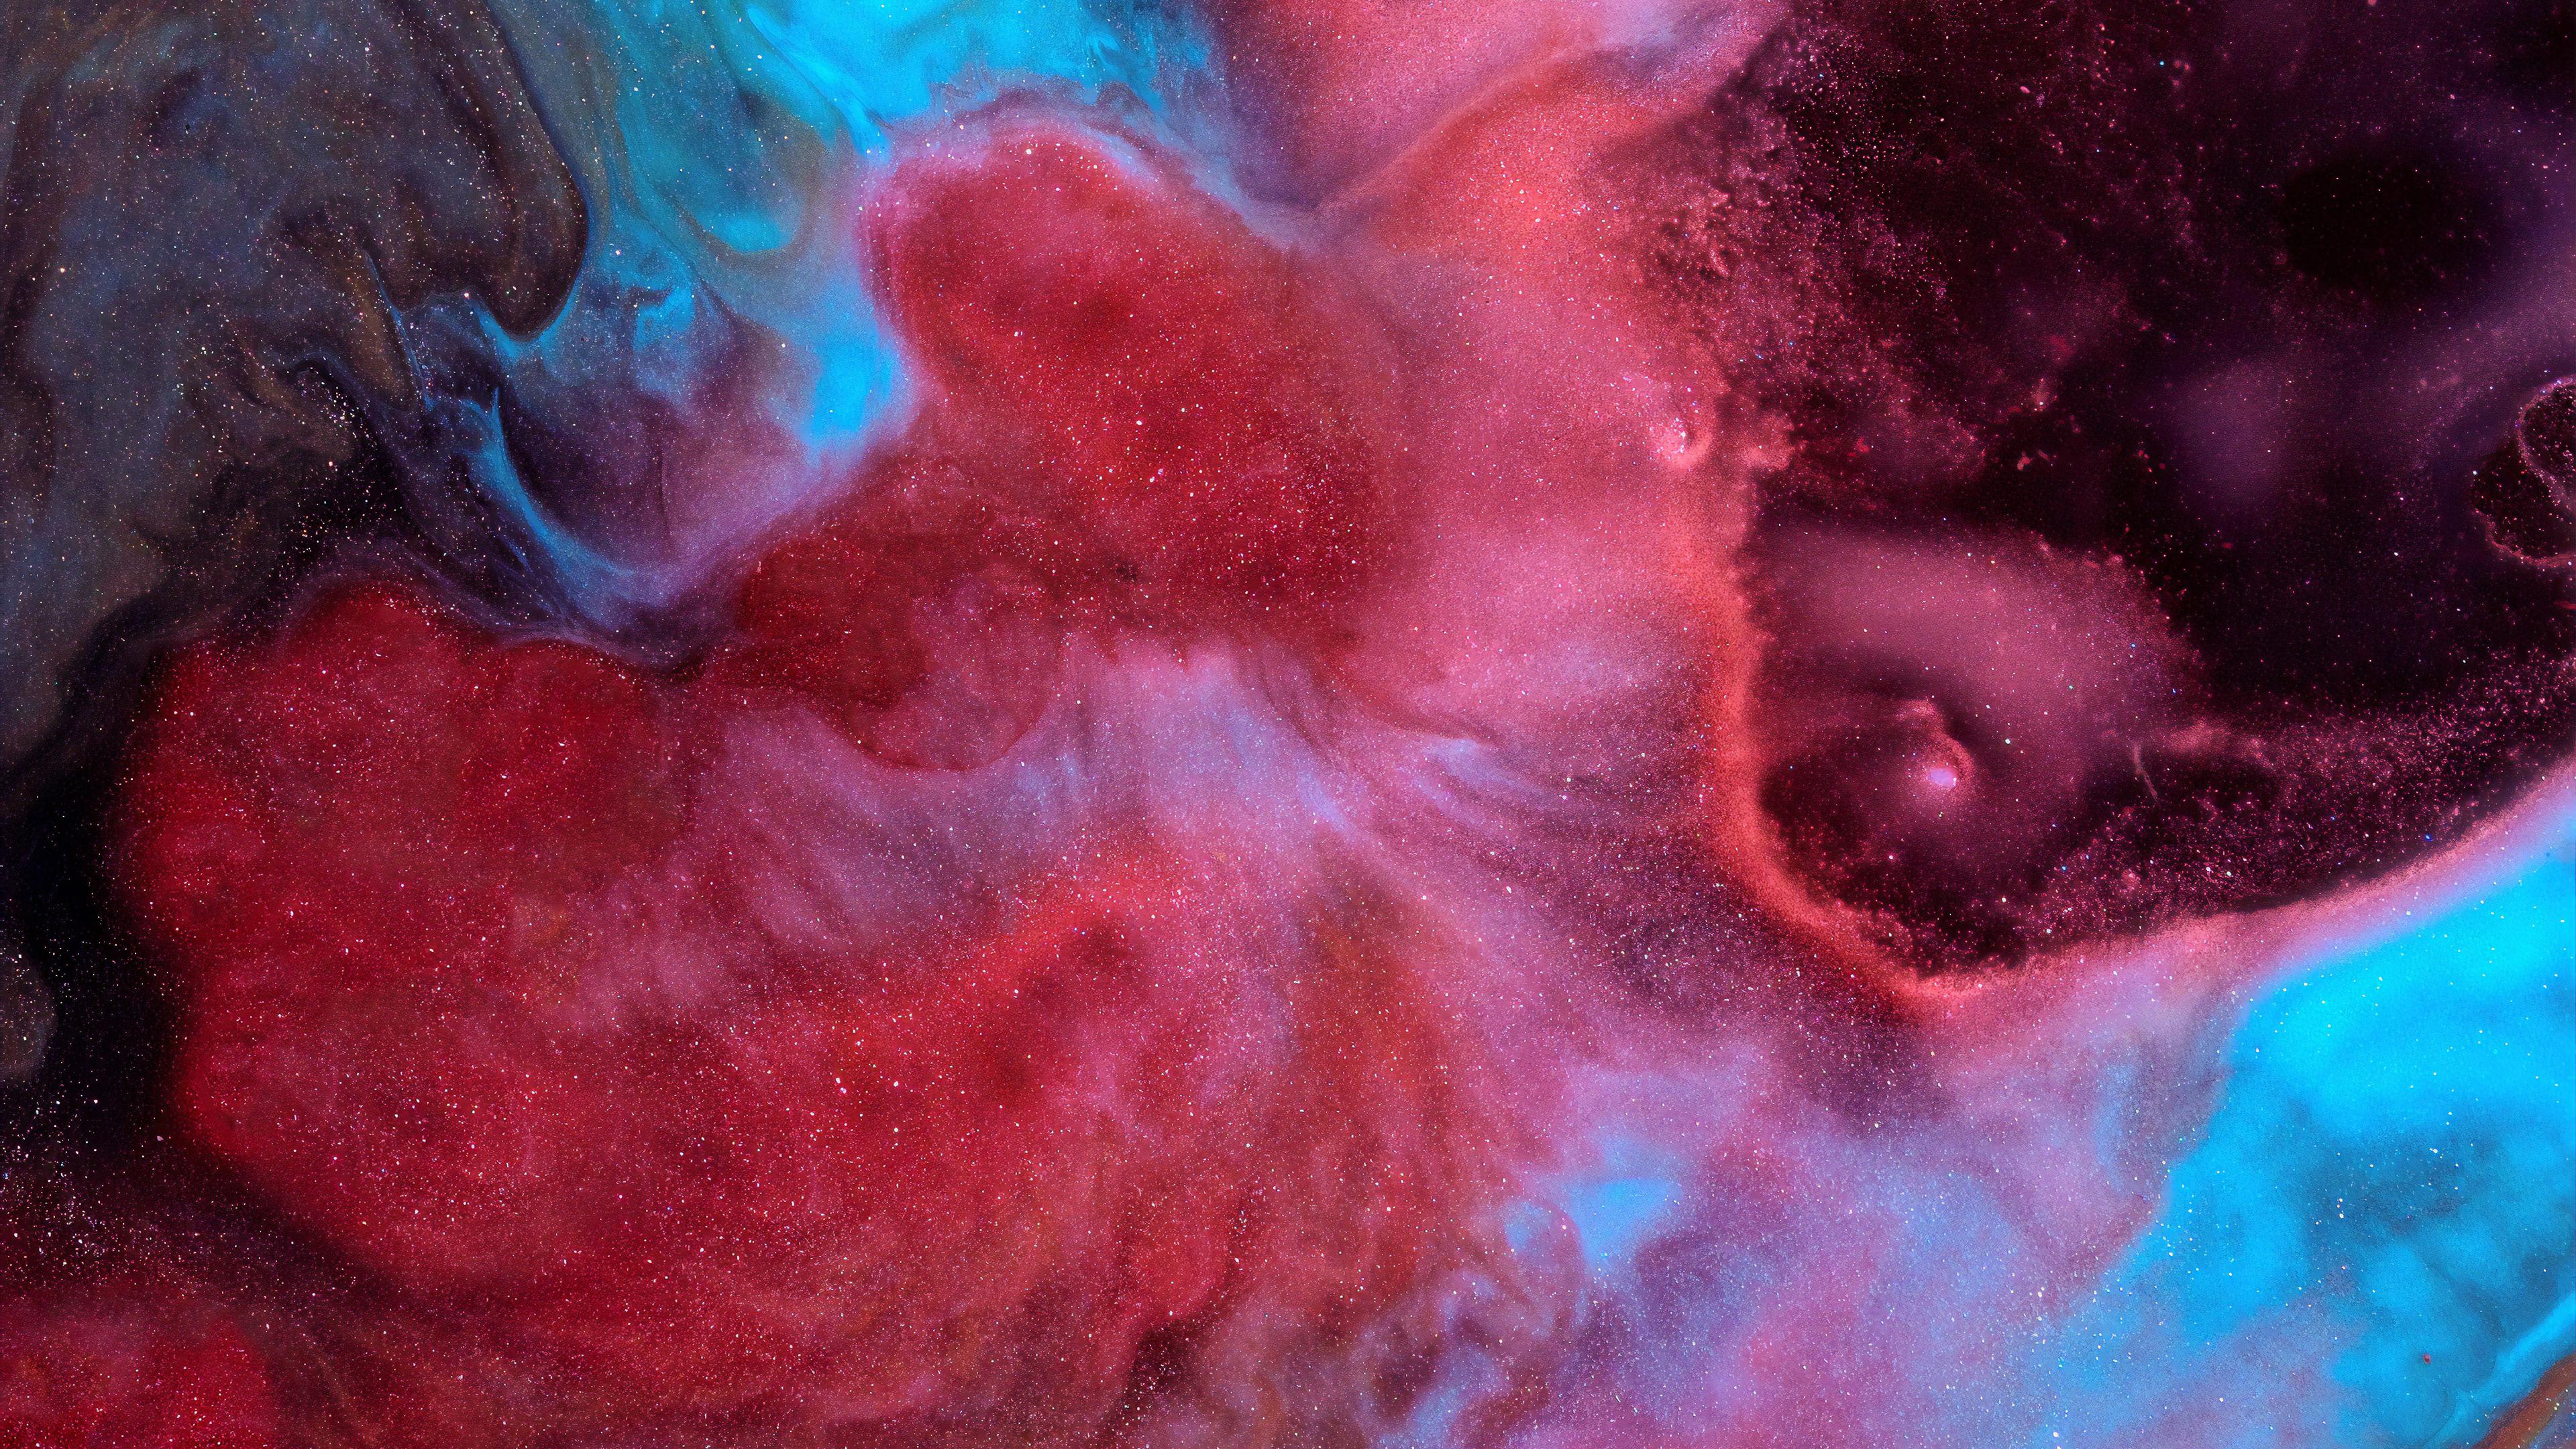 color burst 1563221516 - Color Burst - hd-wallpapers, digital art wallpapers, artist wallpapers, abstract wallpapers, 4k-wallpapers